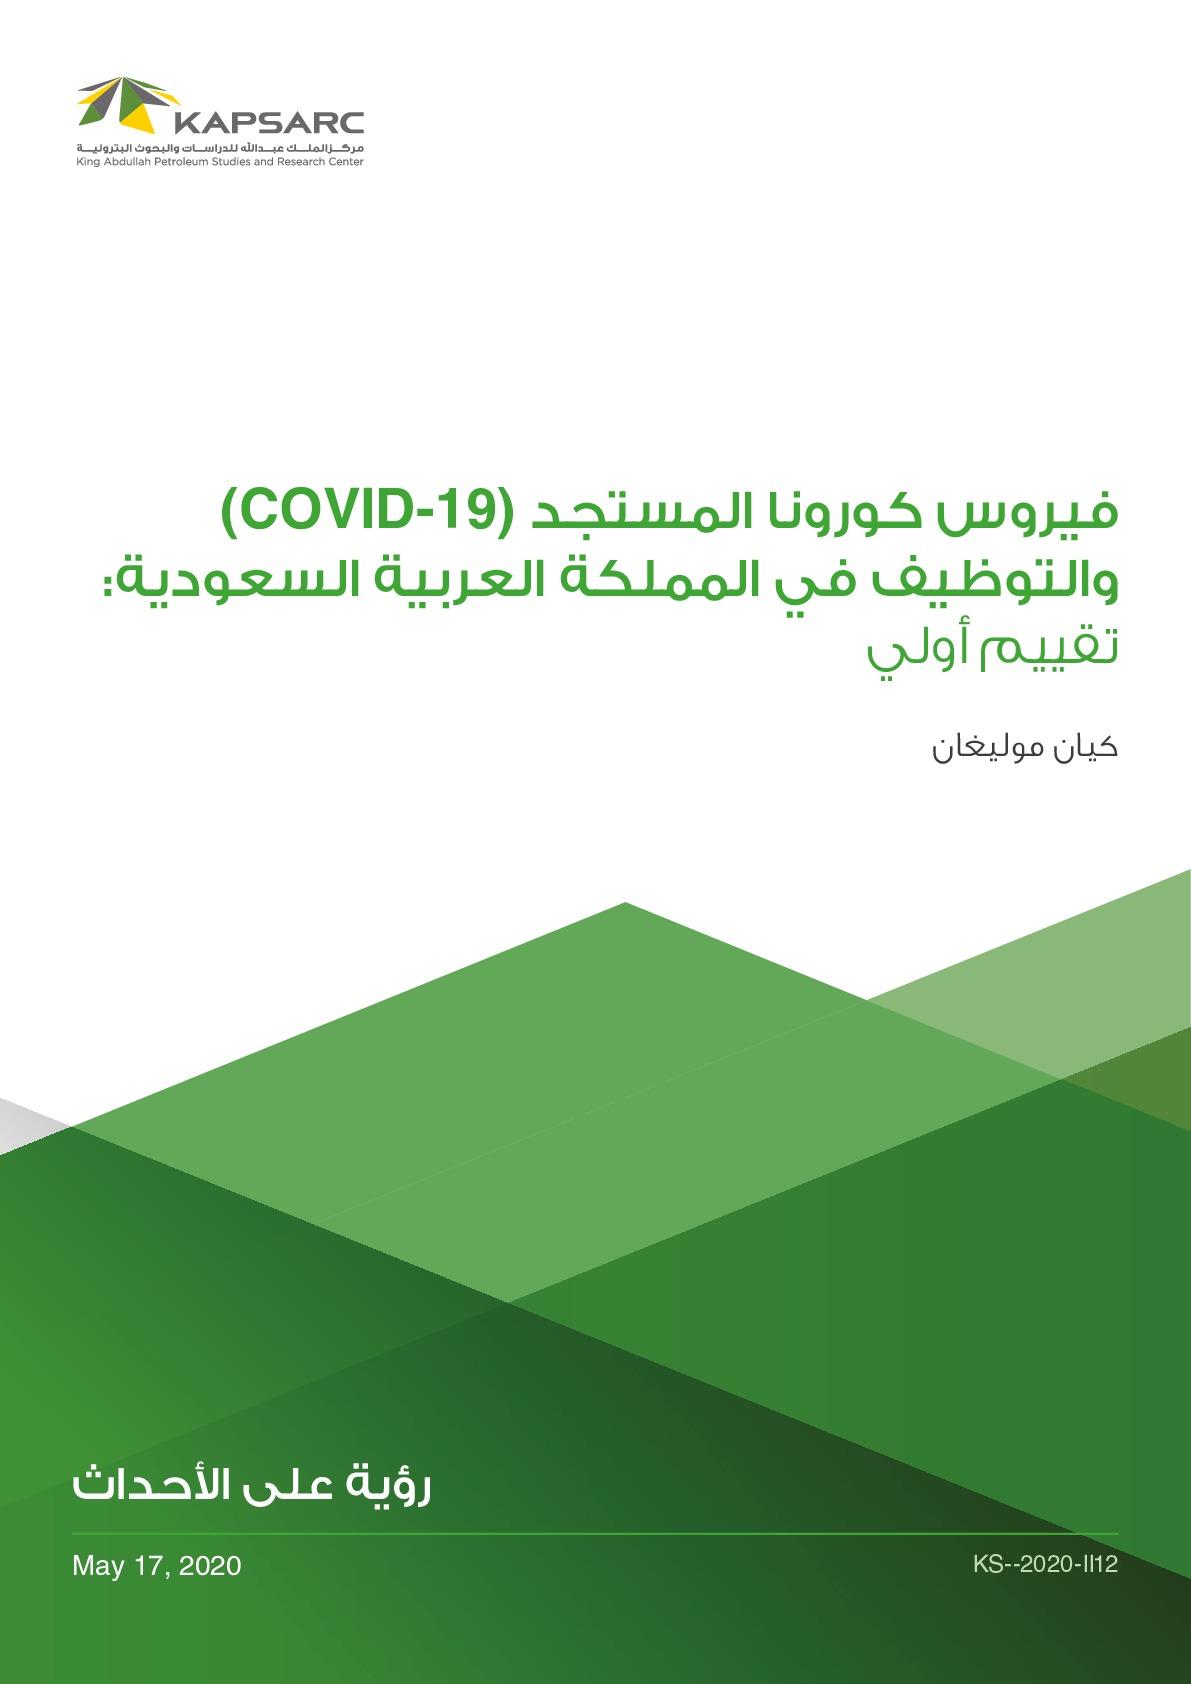 فيروس كورونا المستجد (COVID-19) والتوظيف في المملكة العربية السعودية: تقييم أولي